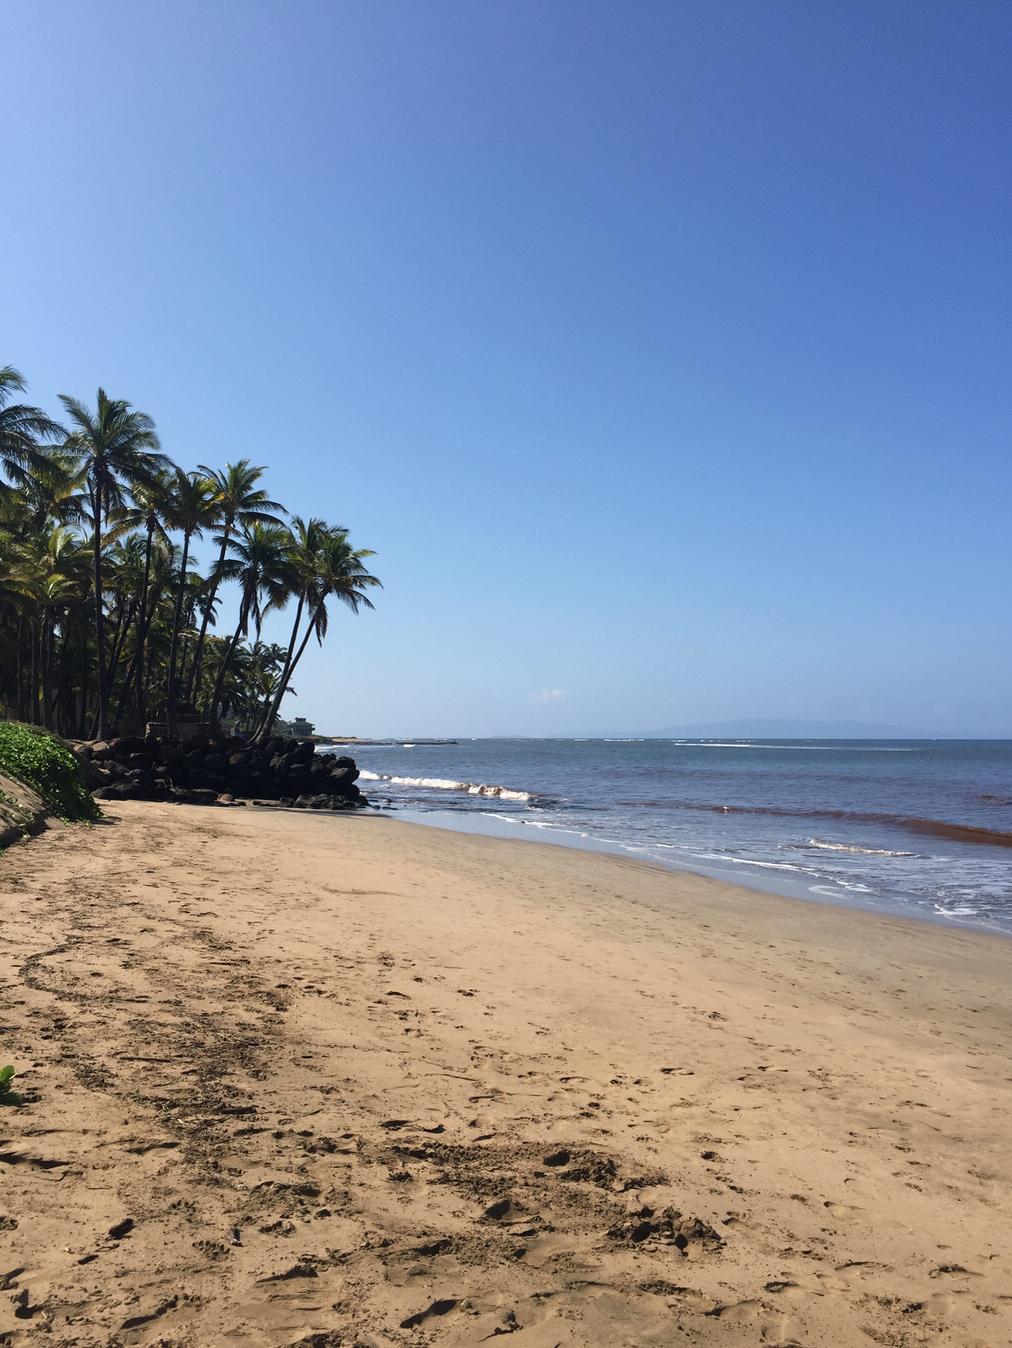 Kihei Beach - How To Spend 48 Hours On Maui